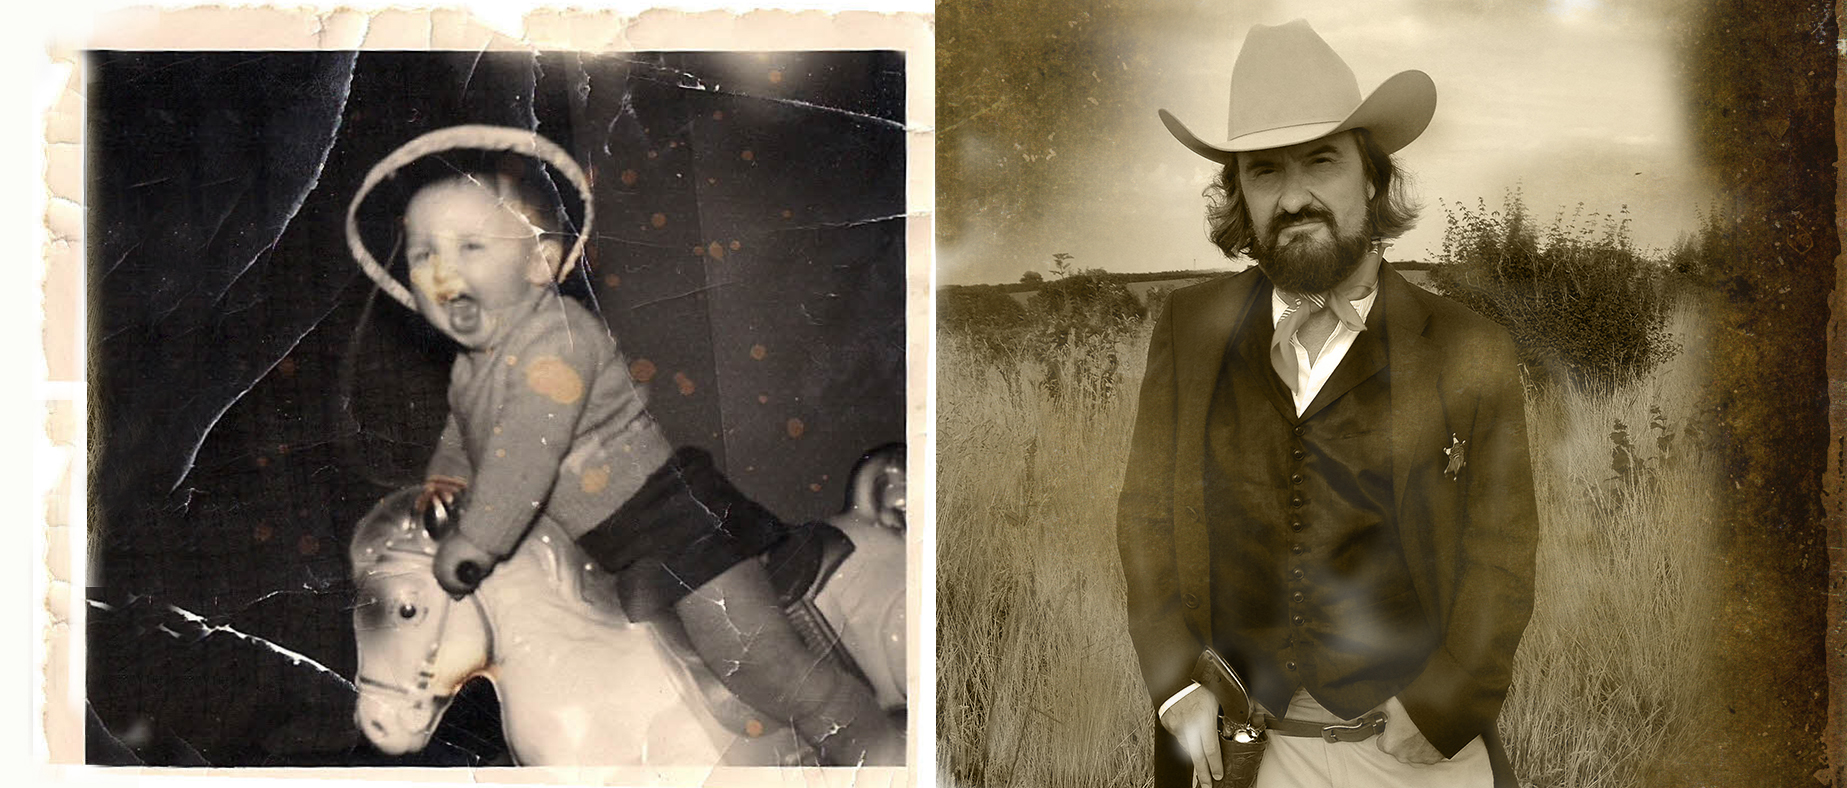 CowboysTogether